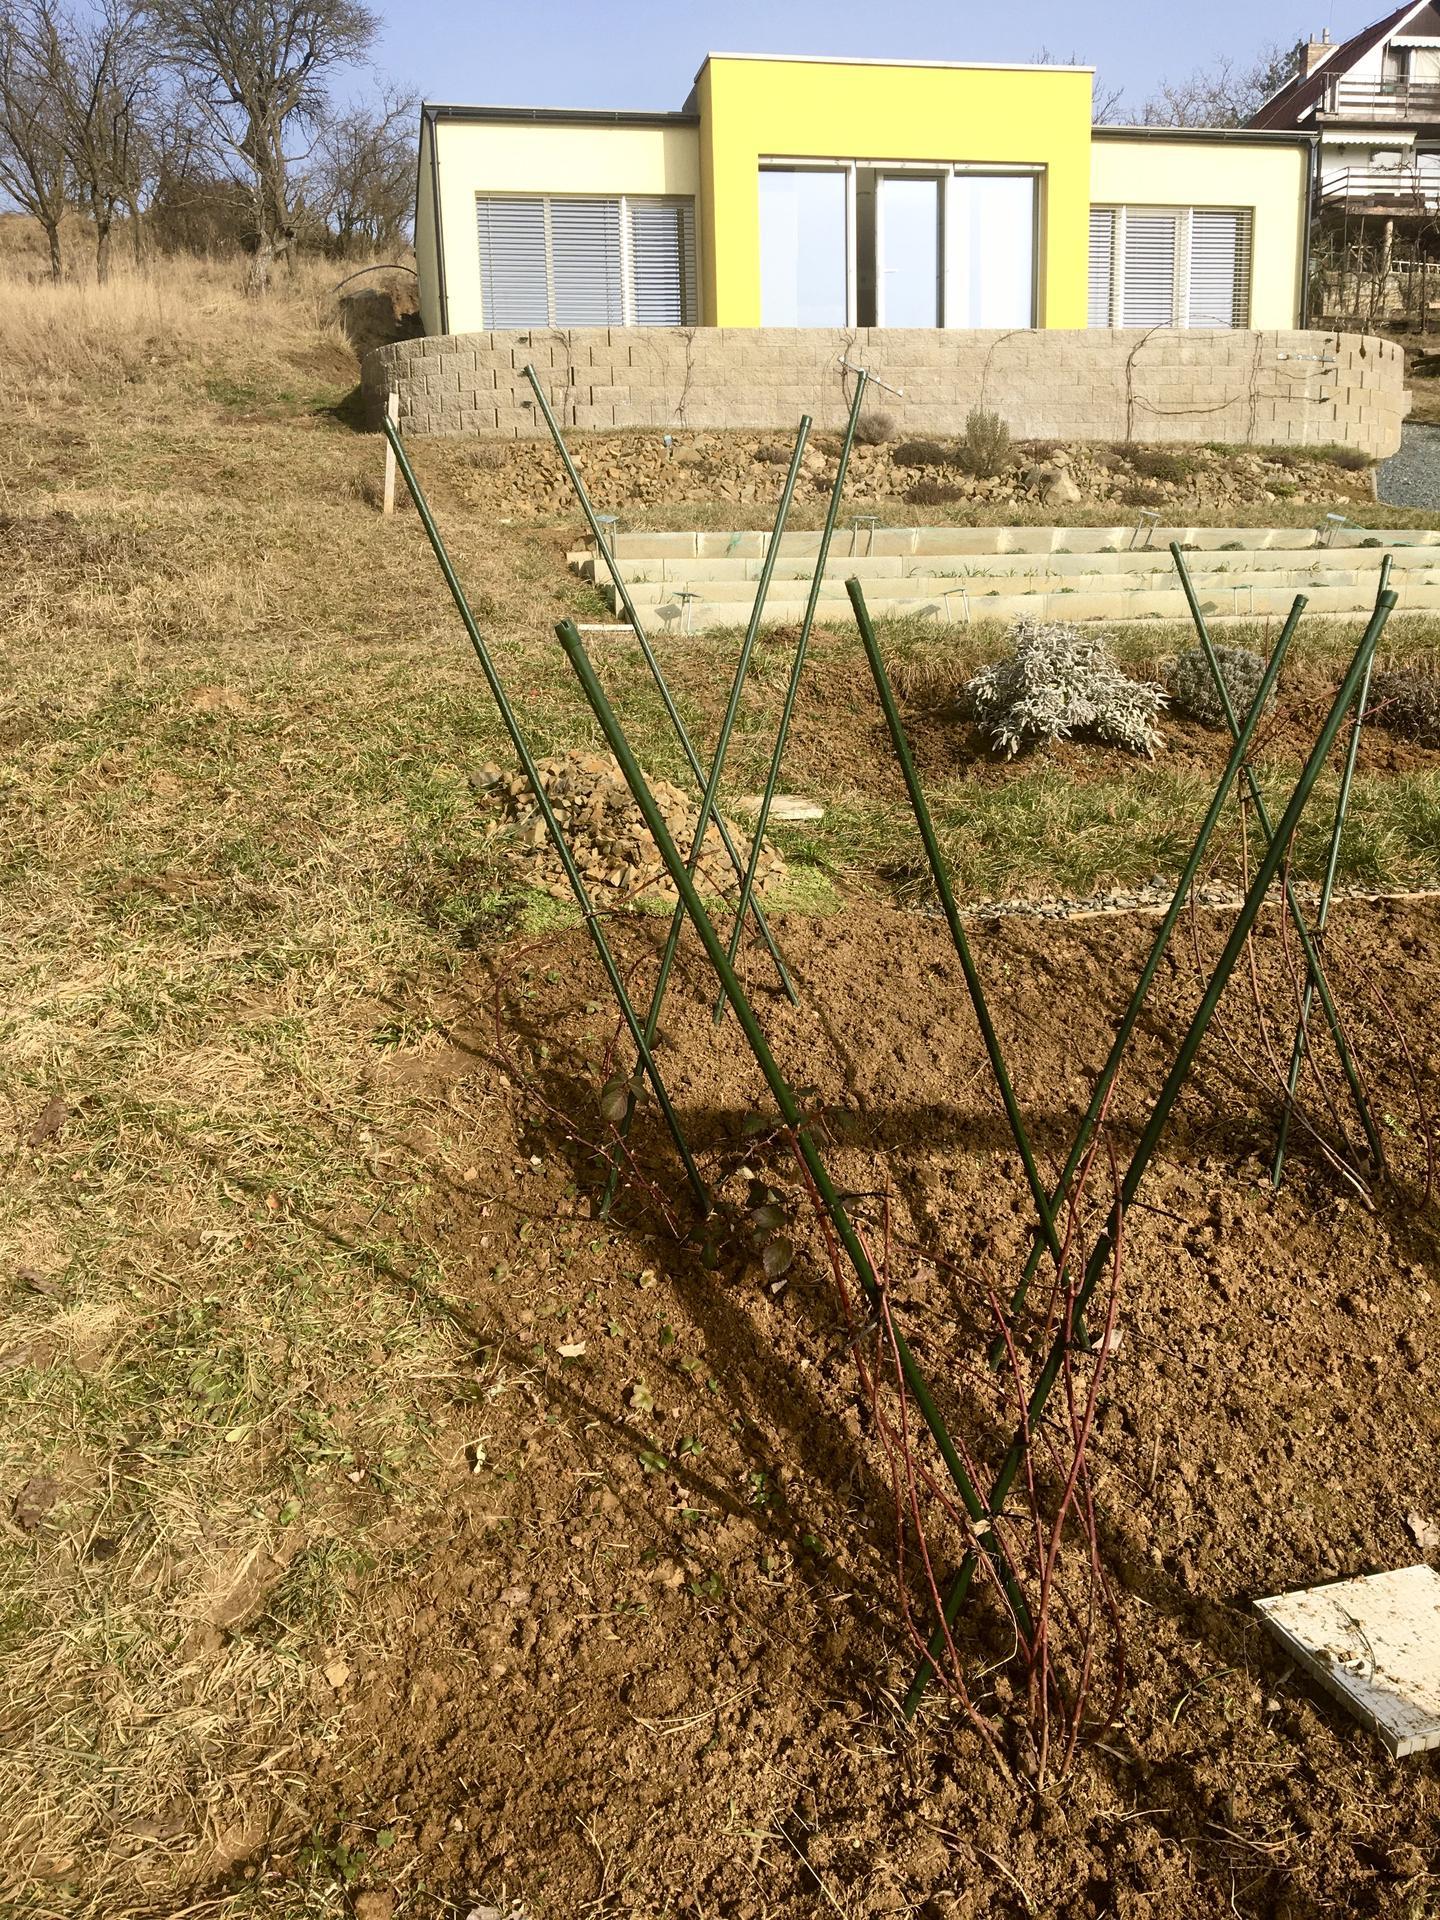 Skřítčí zahrada 2021 - Únor 2021 - využila jsem hezkého počasí, doladila sestřih maliníků a ostružiníků, vyplelala je a k okraji přepíchala lesní jahody